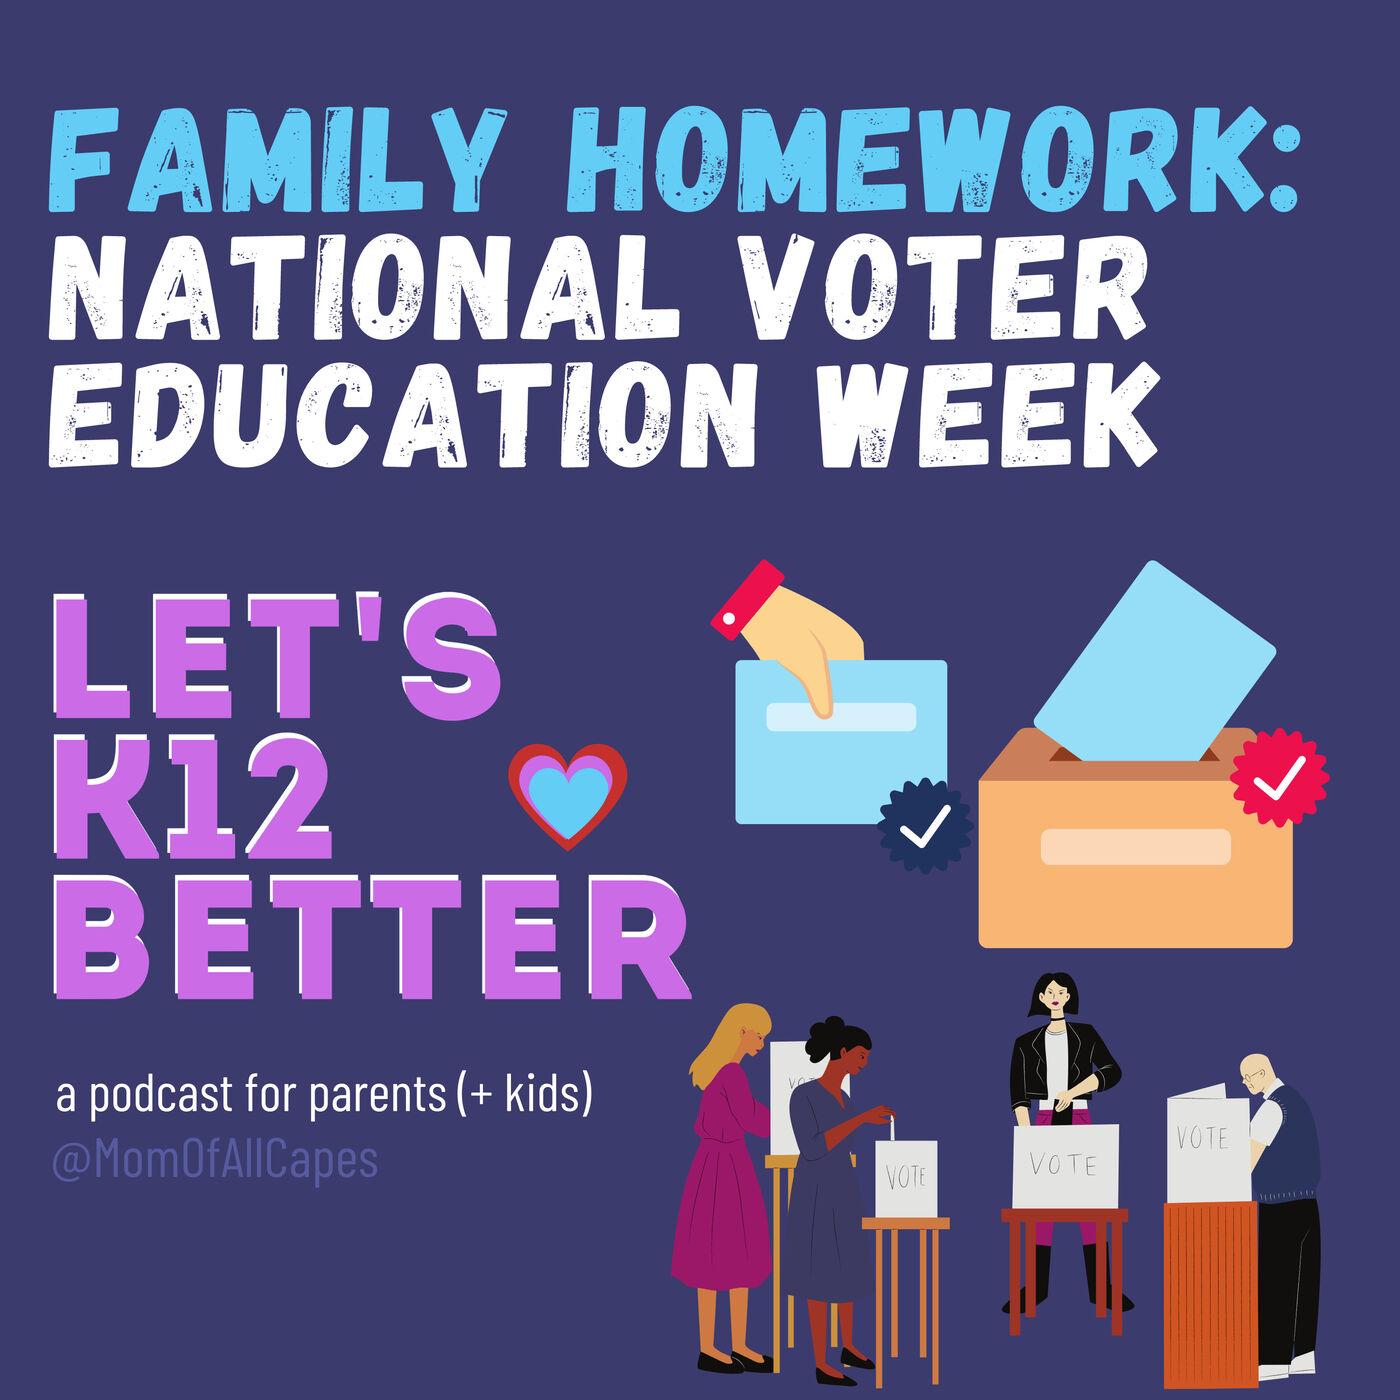 Family Homework: National Voter Education Week